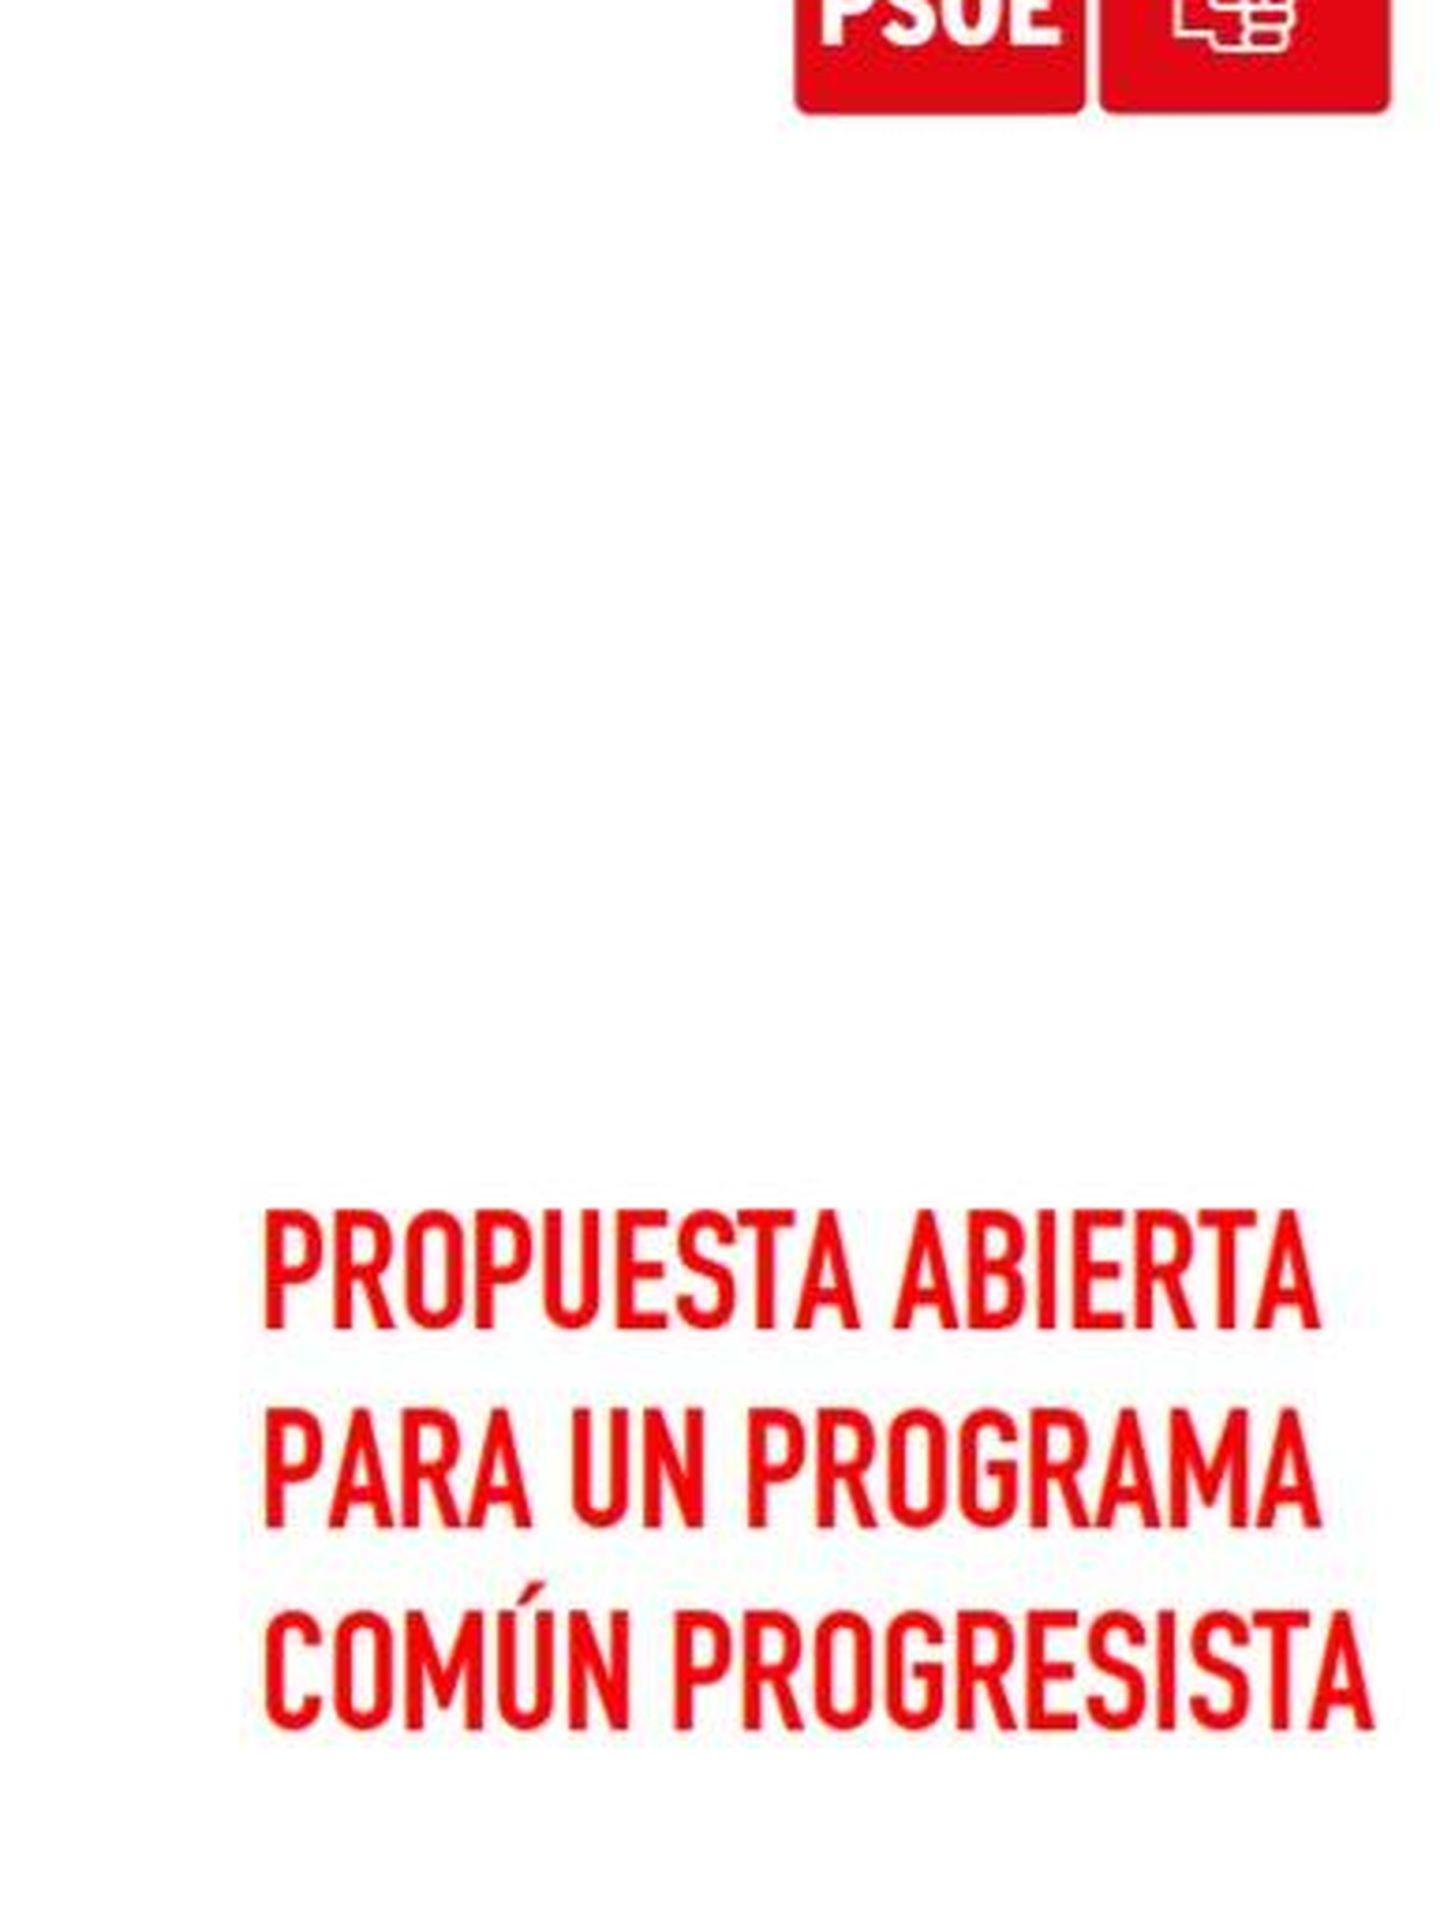 Consulte aquí en PDF el 'Programa común progresista' presentado por Pedro Sánchez este 3 de septiembre de 2019.